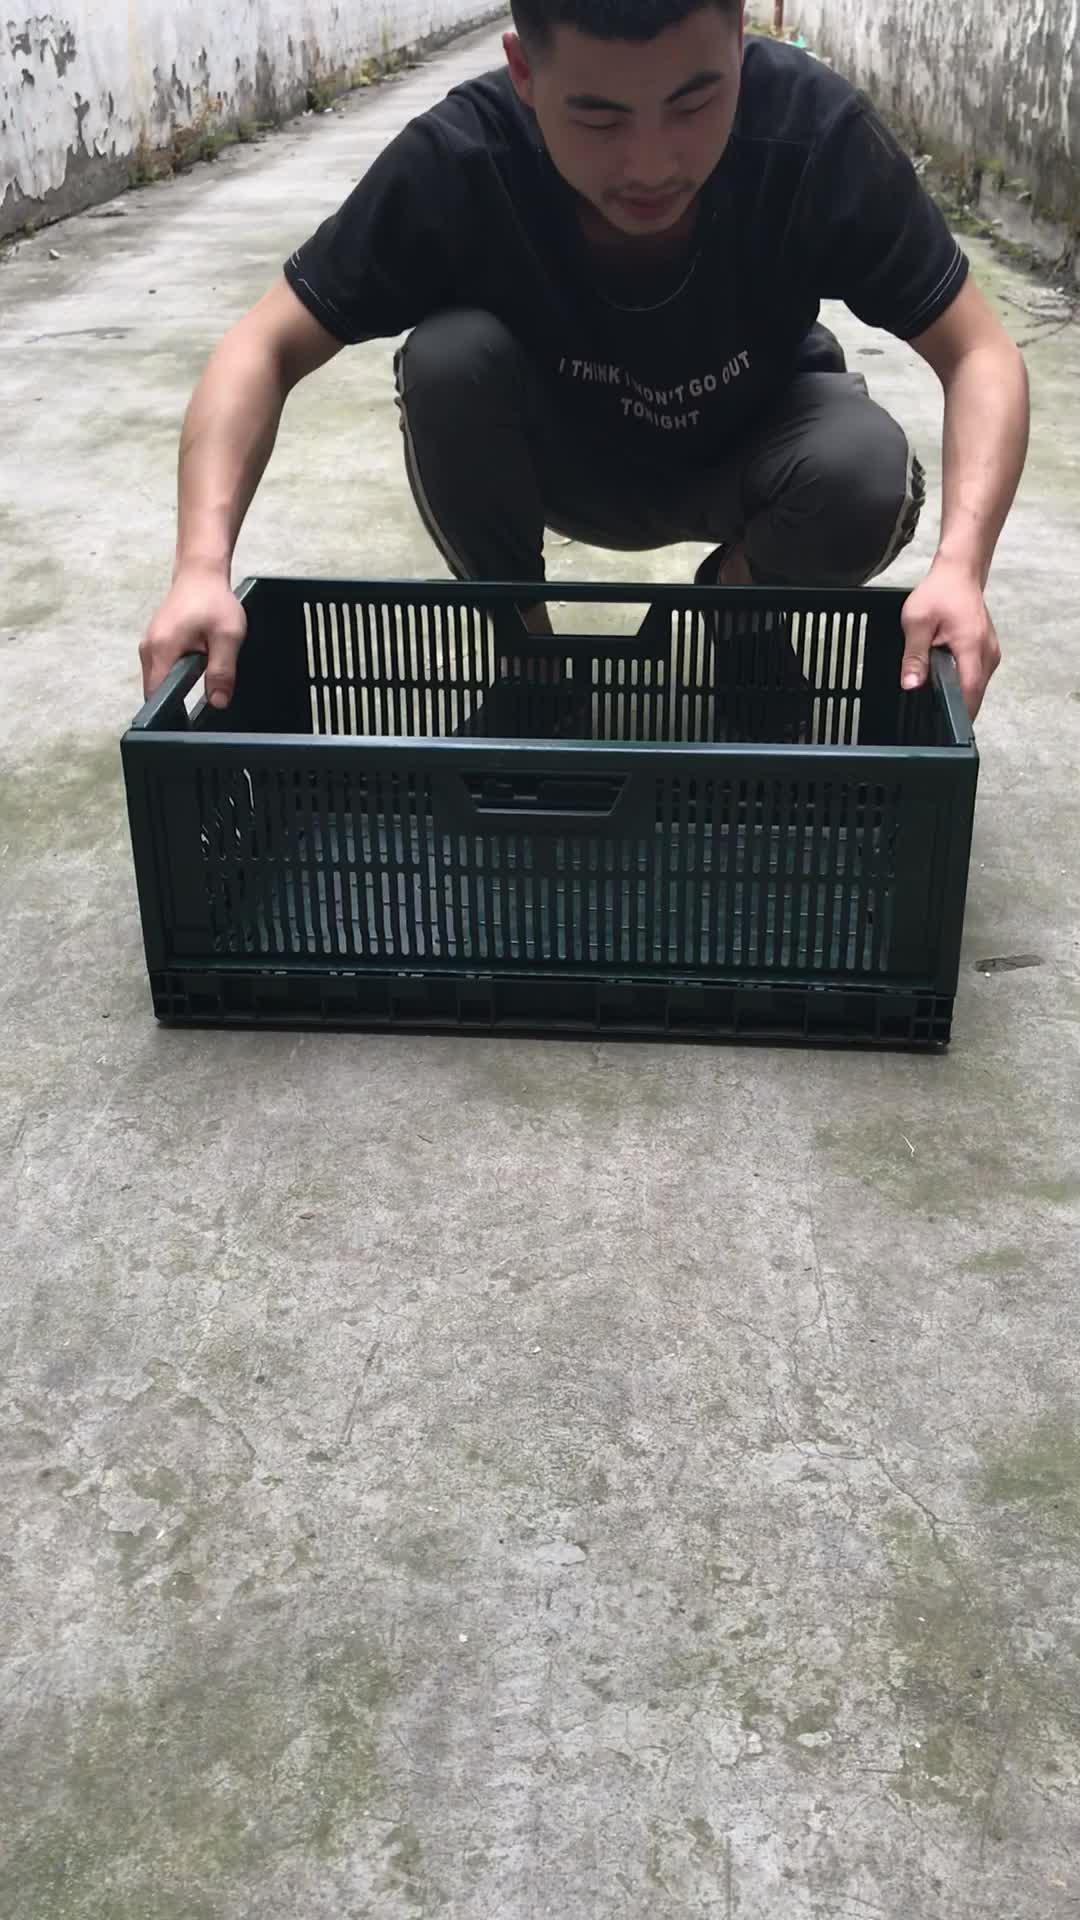 हैवी ड्यूटी बॉक्स प्लास्टिक की तह बक्से के लिए खेती